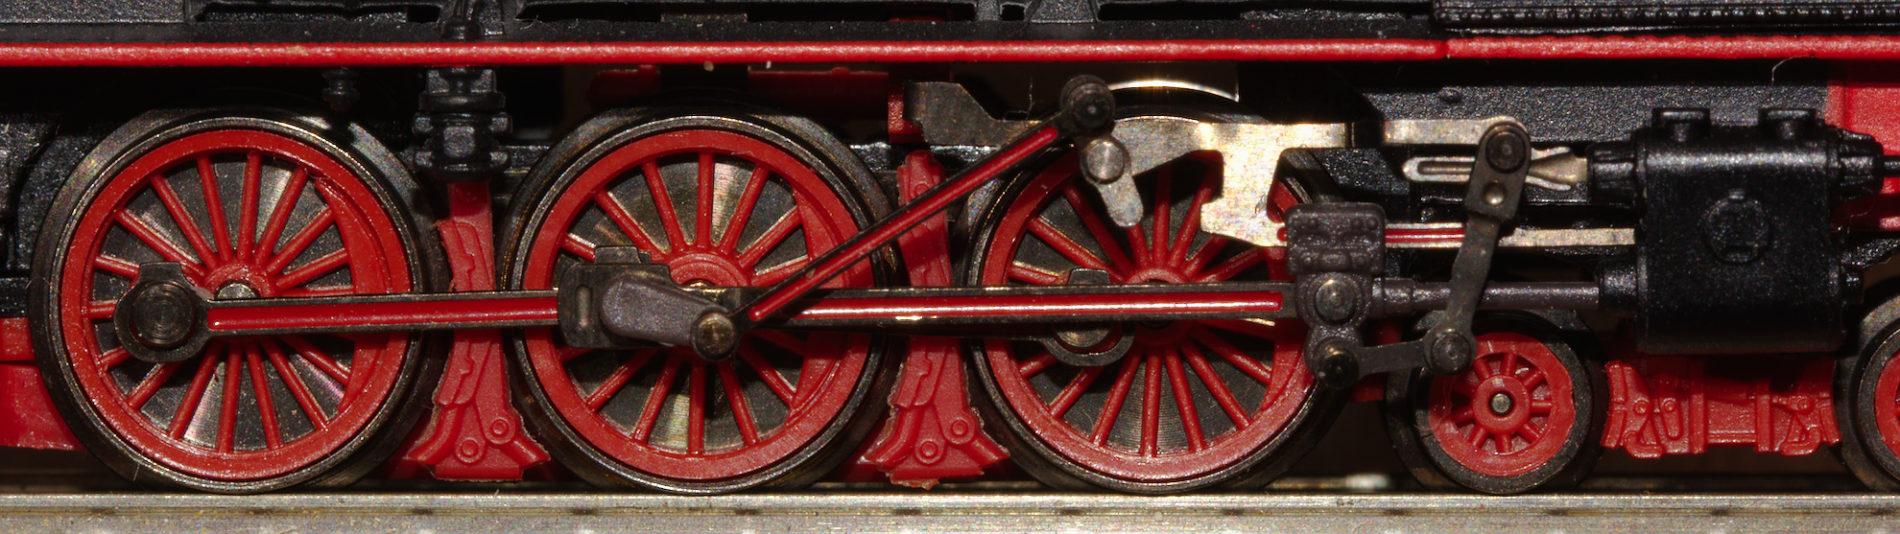 Einbau der Achsen bei Stangenlokomotiven von Märklin